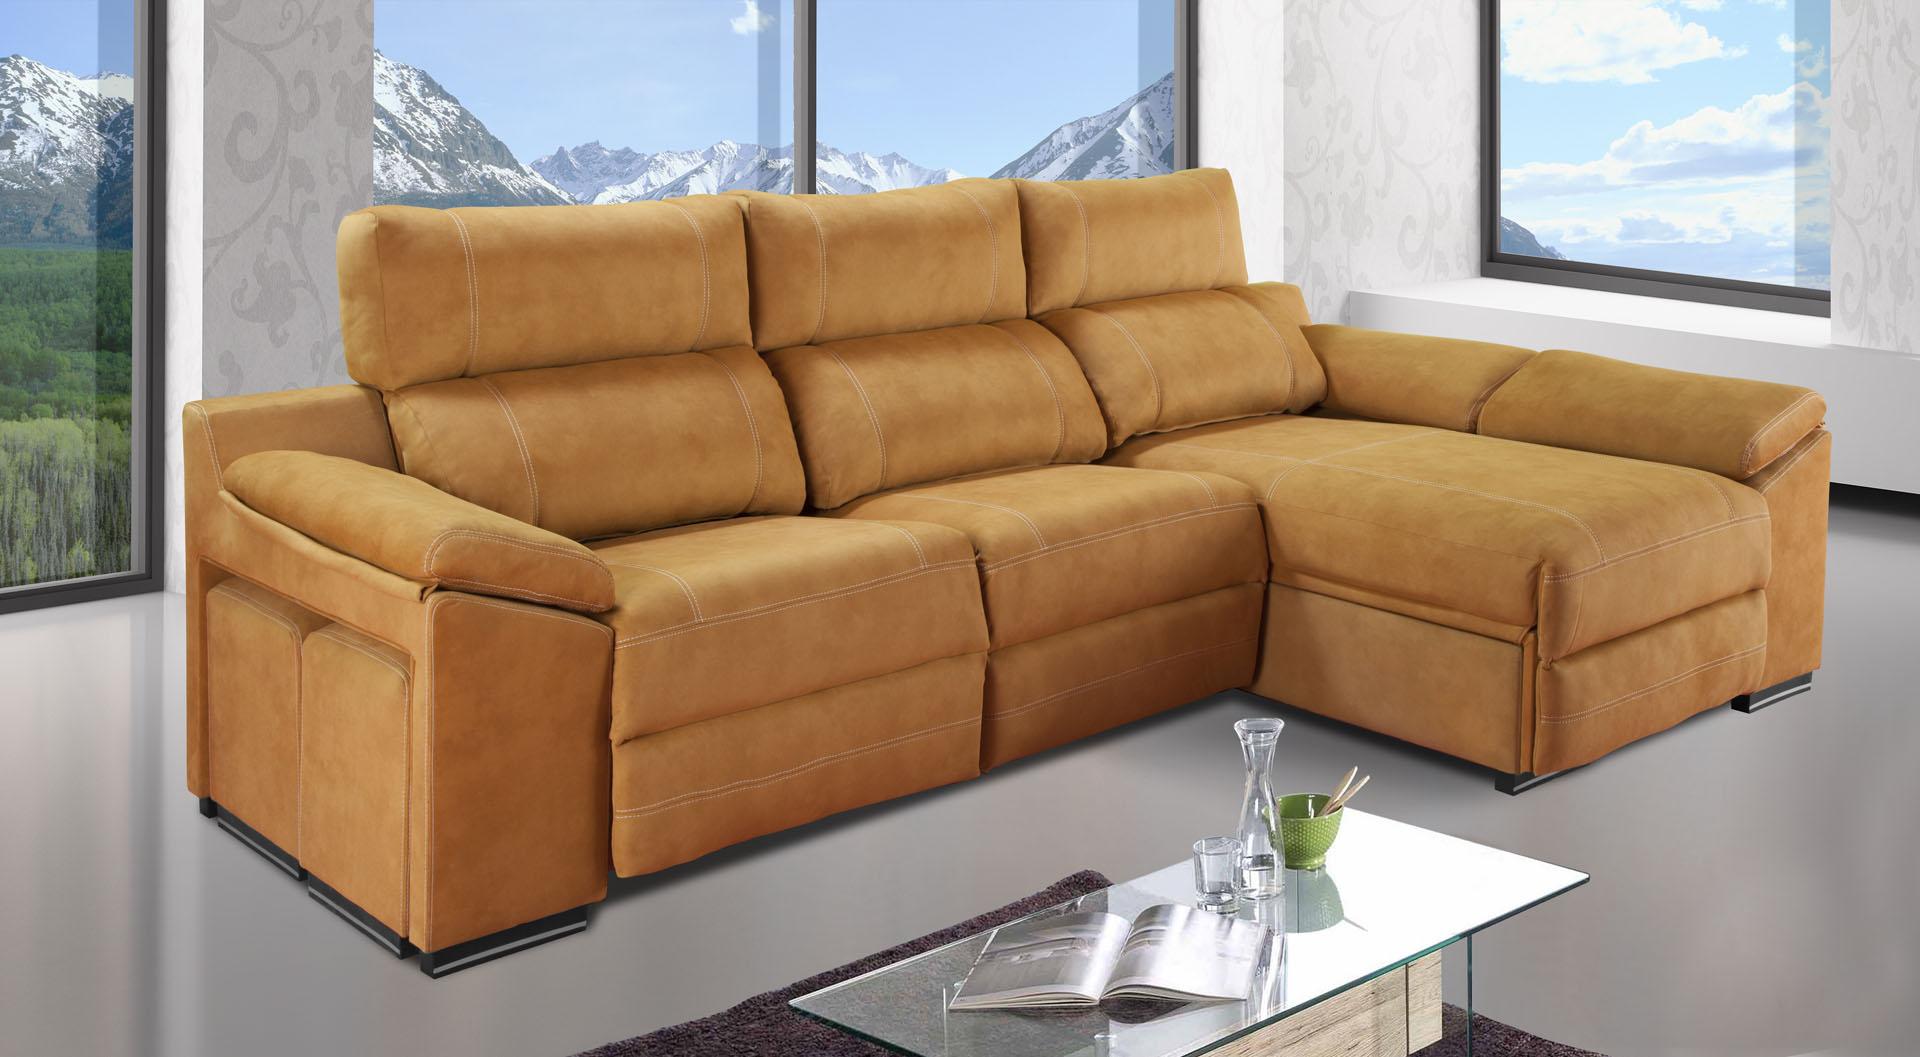 Con éste chaiselongue añade elegancia instantánea y comodidad en tu salón. Con mecanismos motorizados, arcón y puff. Diferentes tonos en varios tejidos.